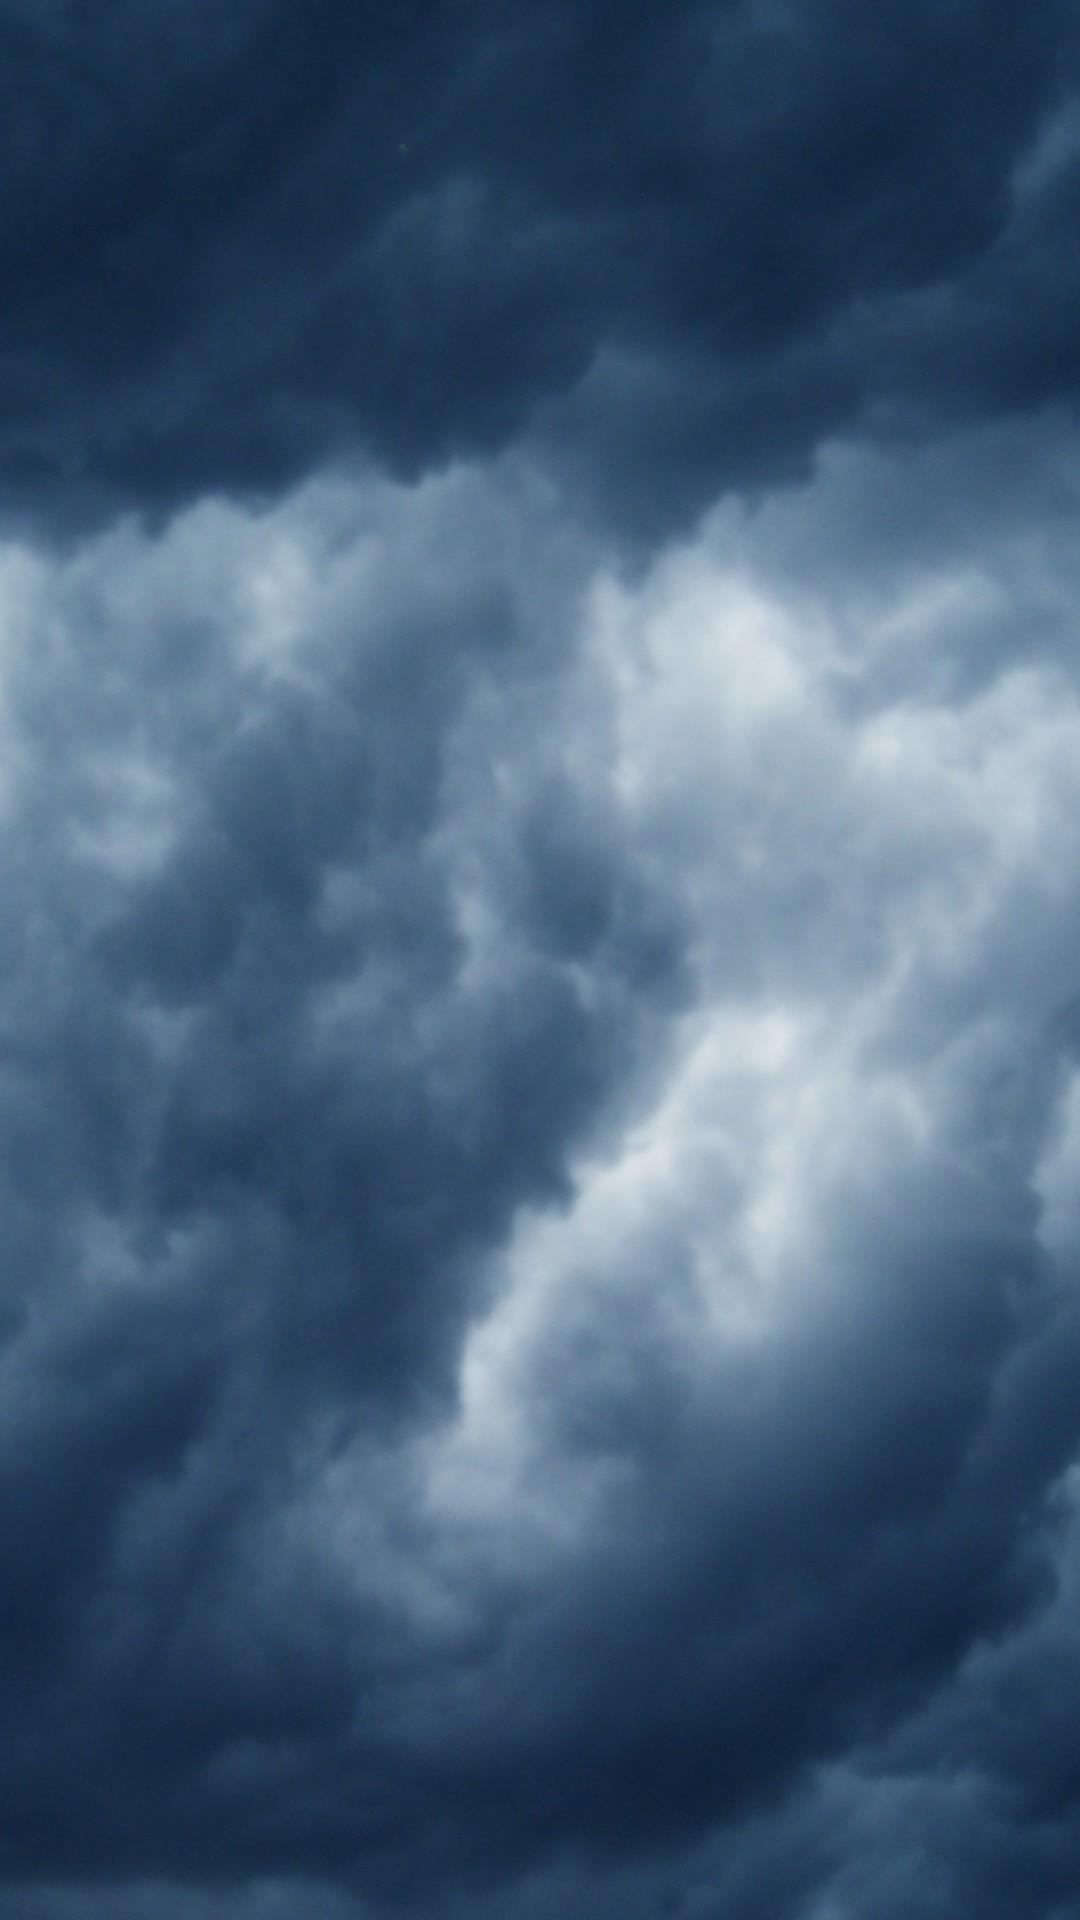 デスクトップ壁紙 空 雲 嵐 雰囲気 天気 雷雨 昼間 気象現象